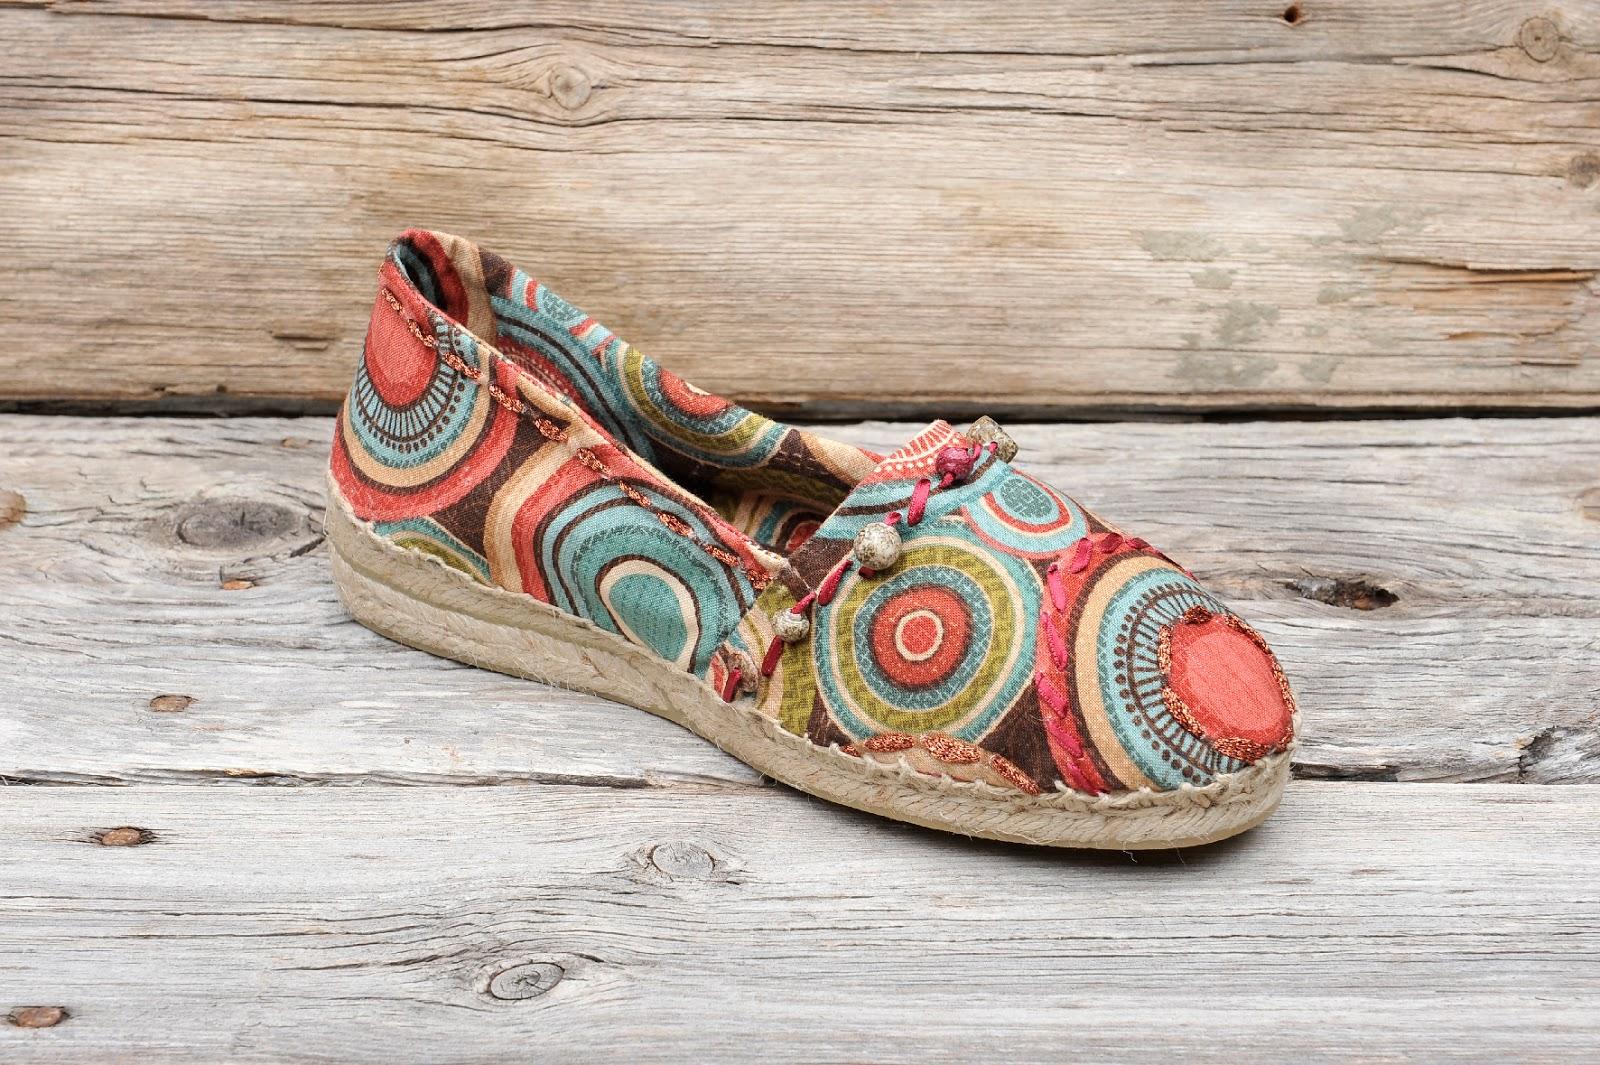 Es un calzado hecho a partir de fibras naturales, como el yute, el algodón, etc. y que llega a nuestros tiempos imponiéndose como última moda.